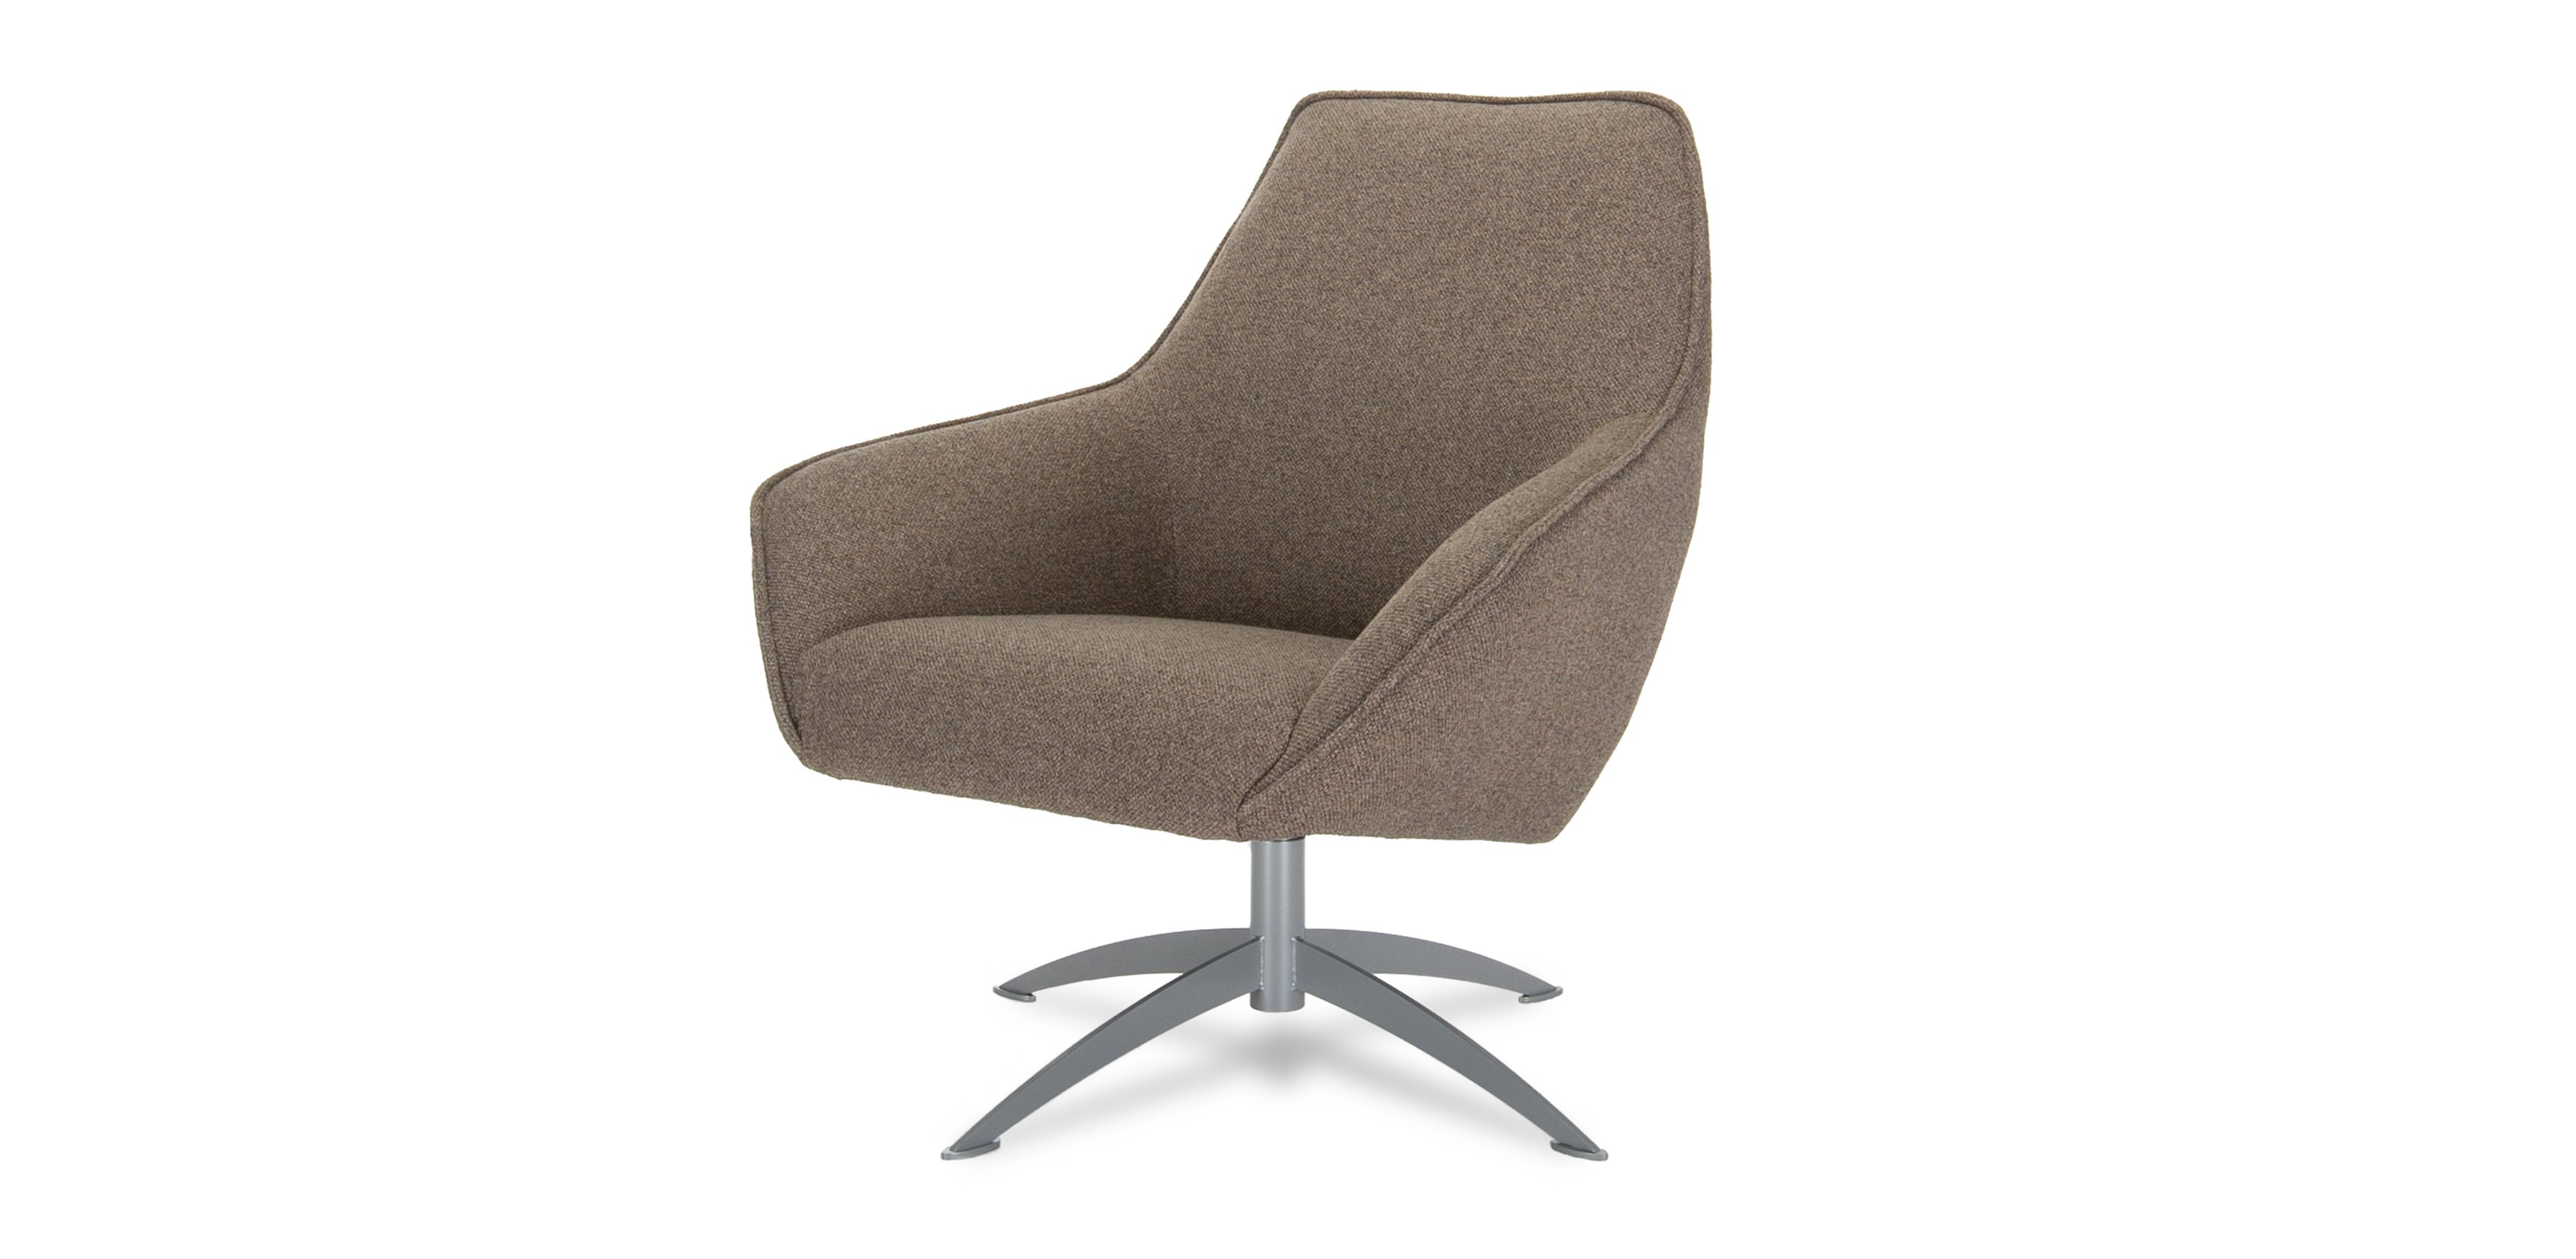 Faas fauteuil DYYK 3580x1750 2